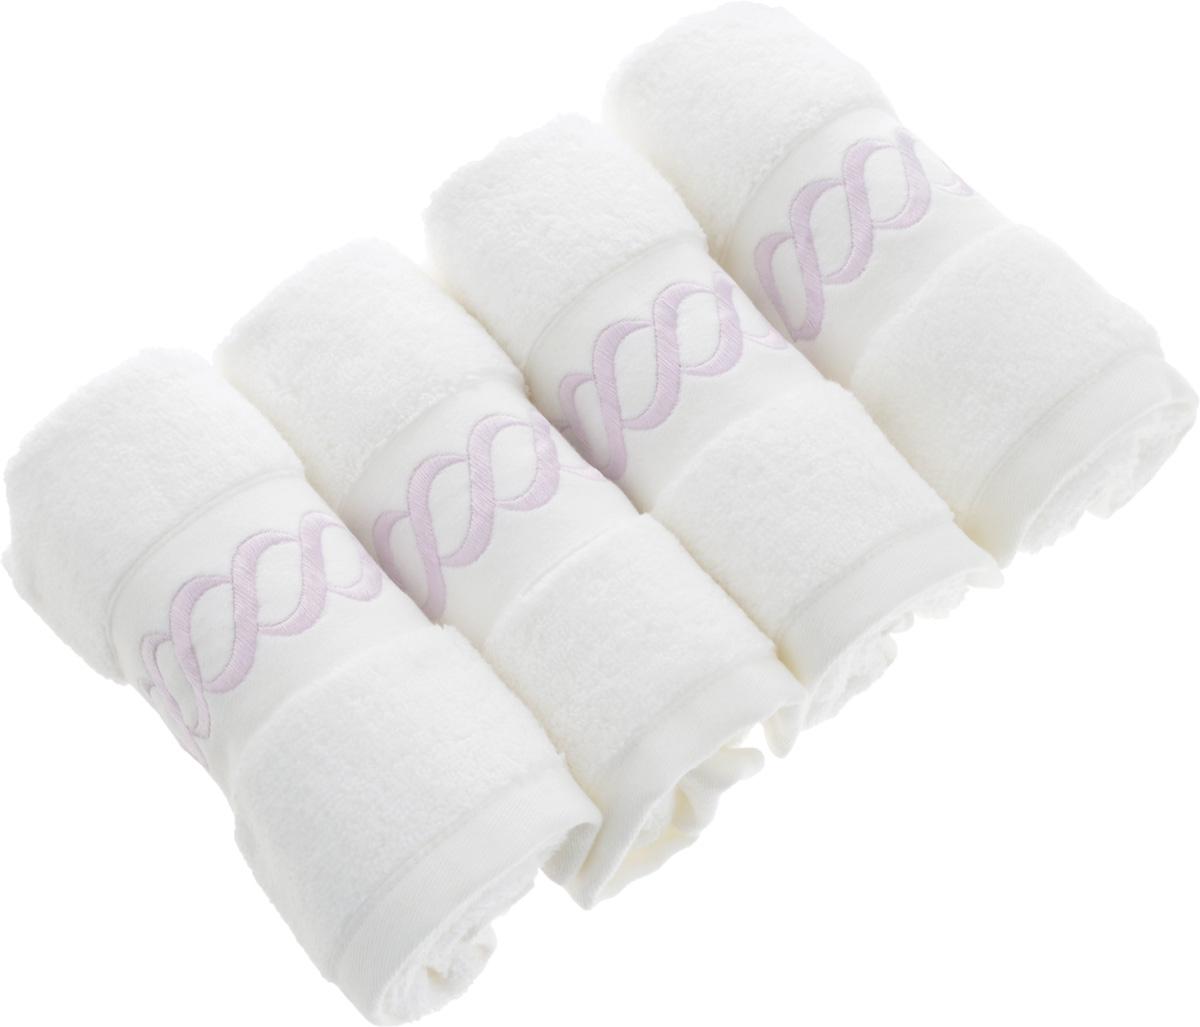 Набор махровых полотенец Issimo Home Pauline, цвет: белый, лиловый, 30 x 50 см, 4 штS03301004Набор полотенец Issimo Home Pauline выполнен из натуральной махровой ткани (100% хлопок). Изделия отлично впитывают влагу, быстро сохнут и не теряют форму даже после многократных стирок. Рекомендации по уходу:- режим стирки при 40°C,- допускается обычная химчистка,- отбеливание запрещено,- глажка при температуре подошвы утюга до 110°С,- барабанный отжим запрещен.Размер полотенца: 30 x 50 см.